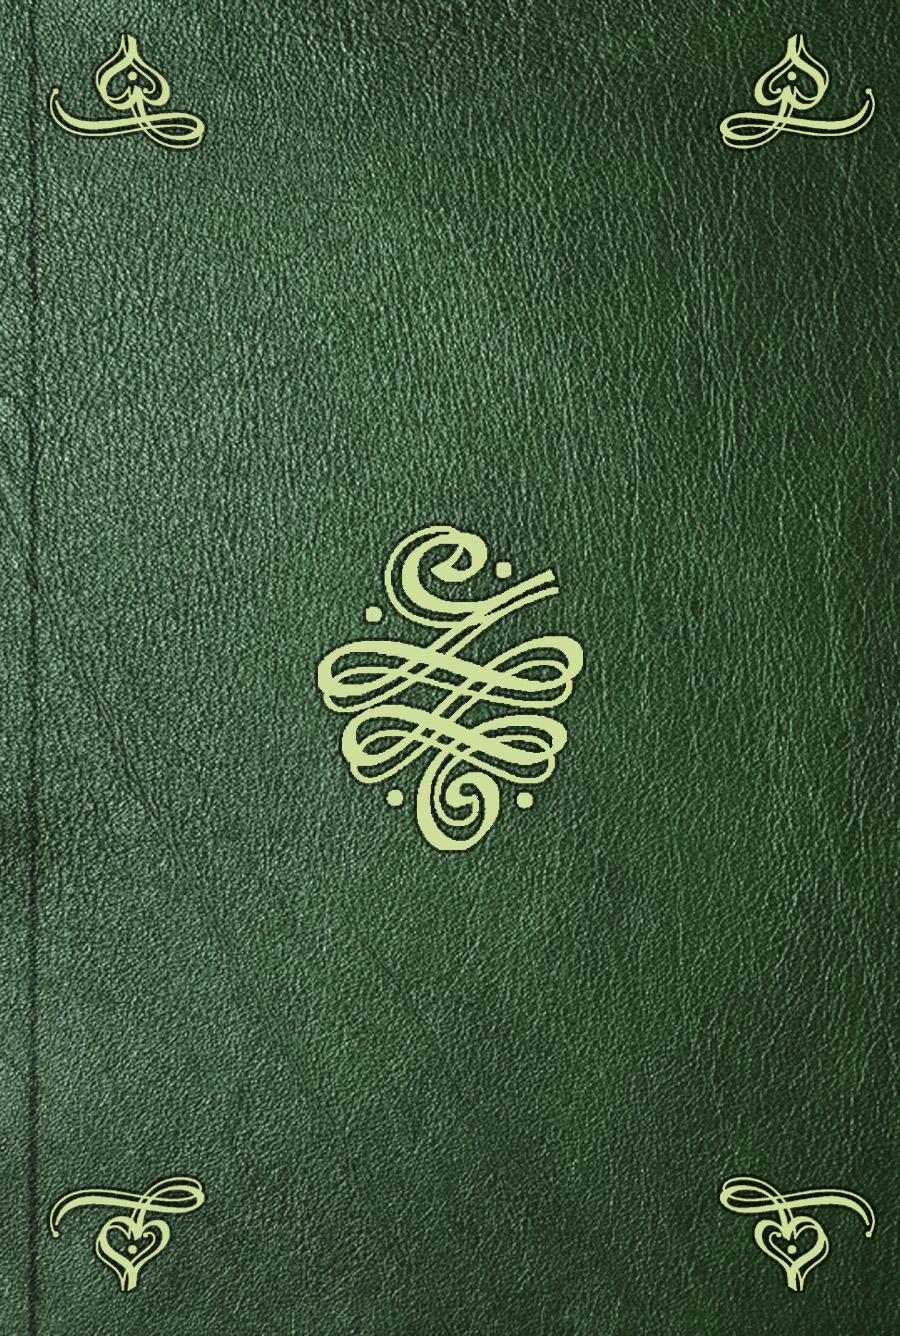 Jacques Necker Cours de morale religieuse. T. 1 jacques necker collection complette de tous les ouvrages t 3